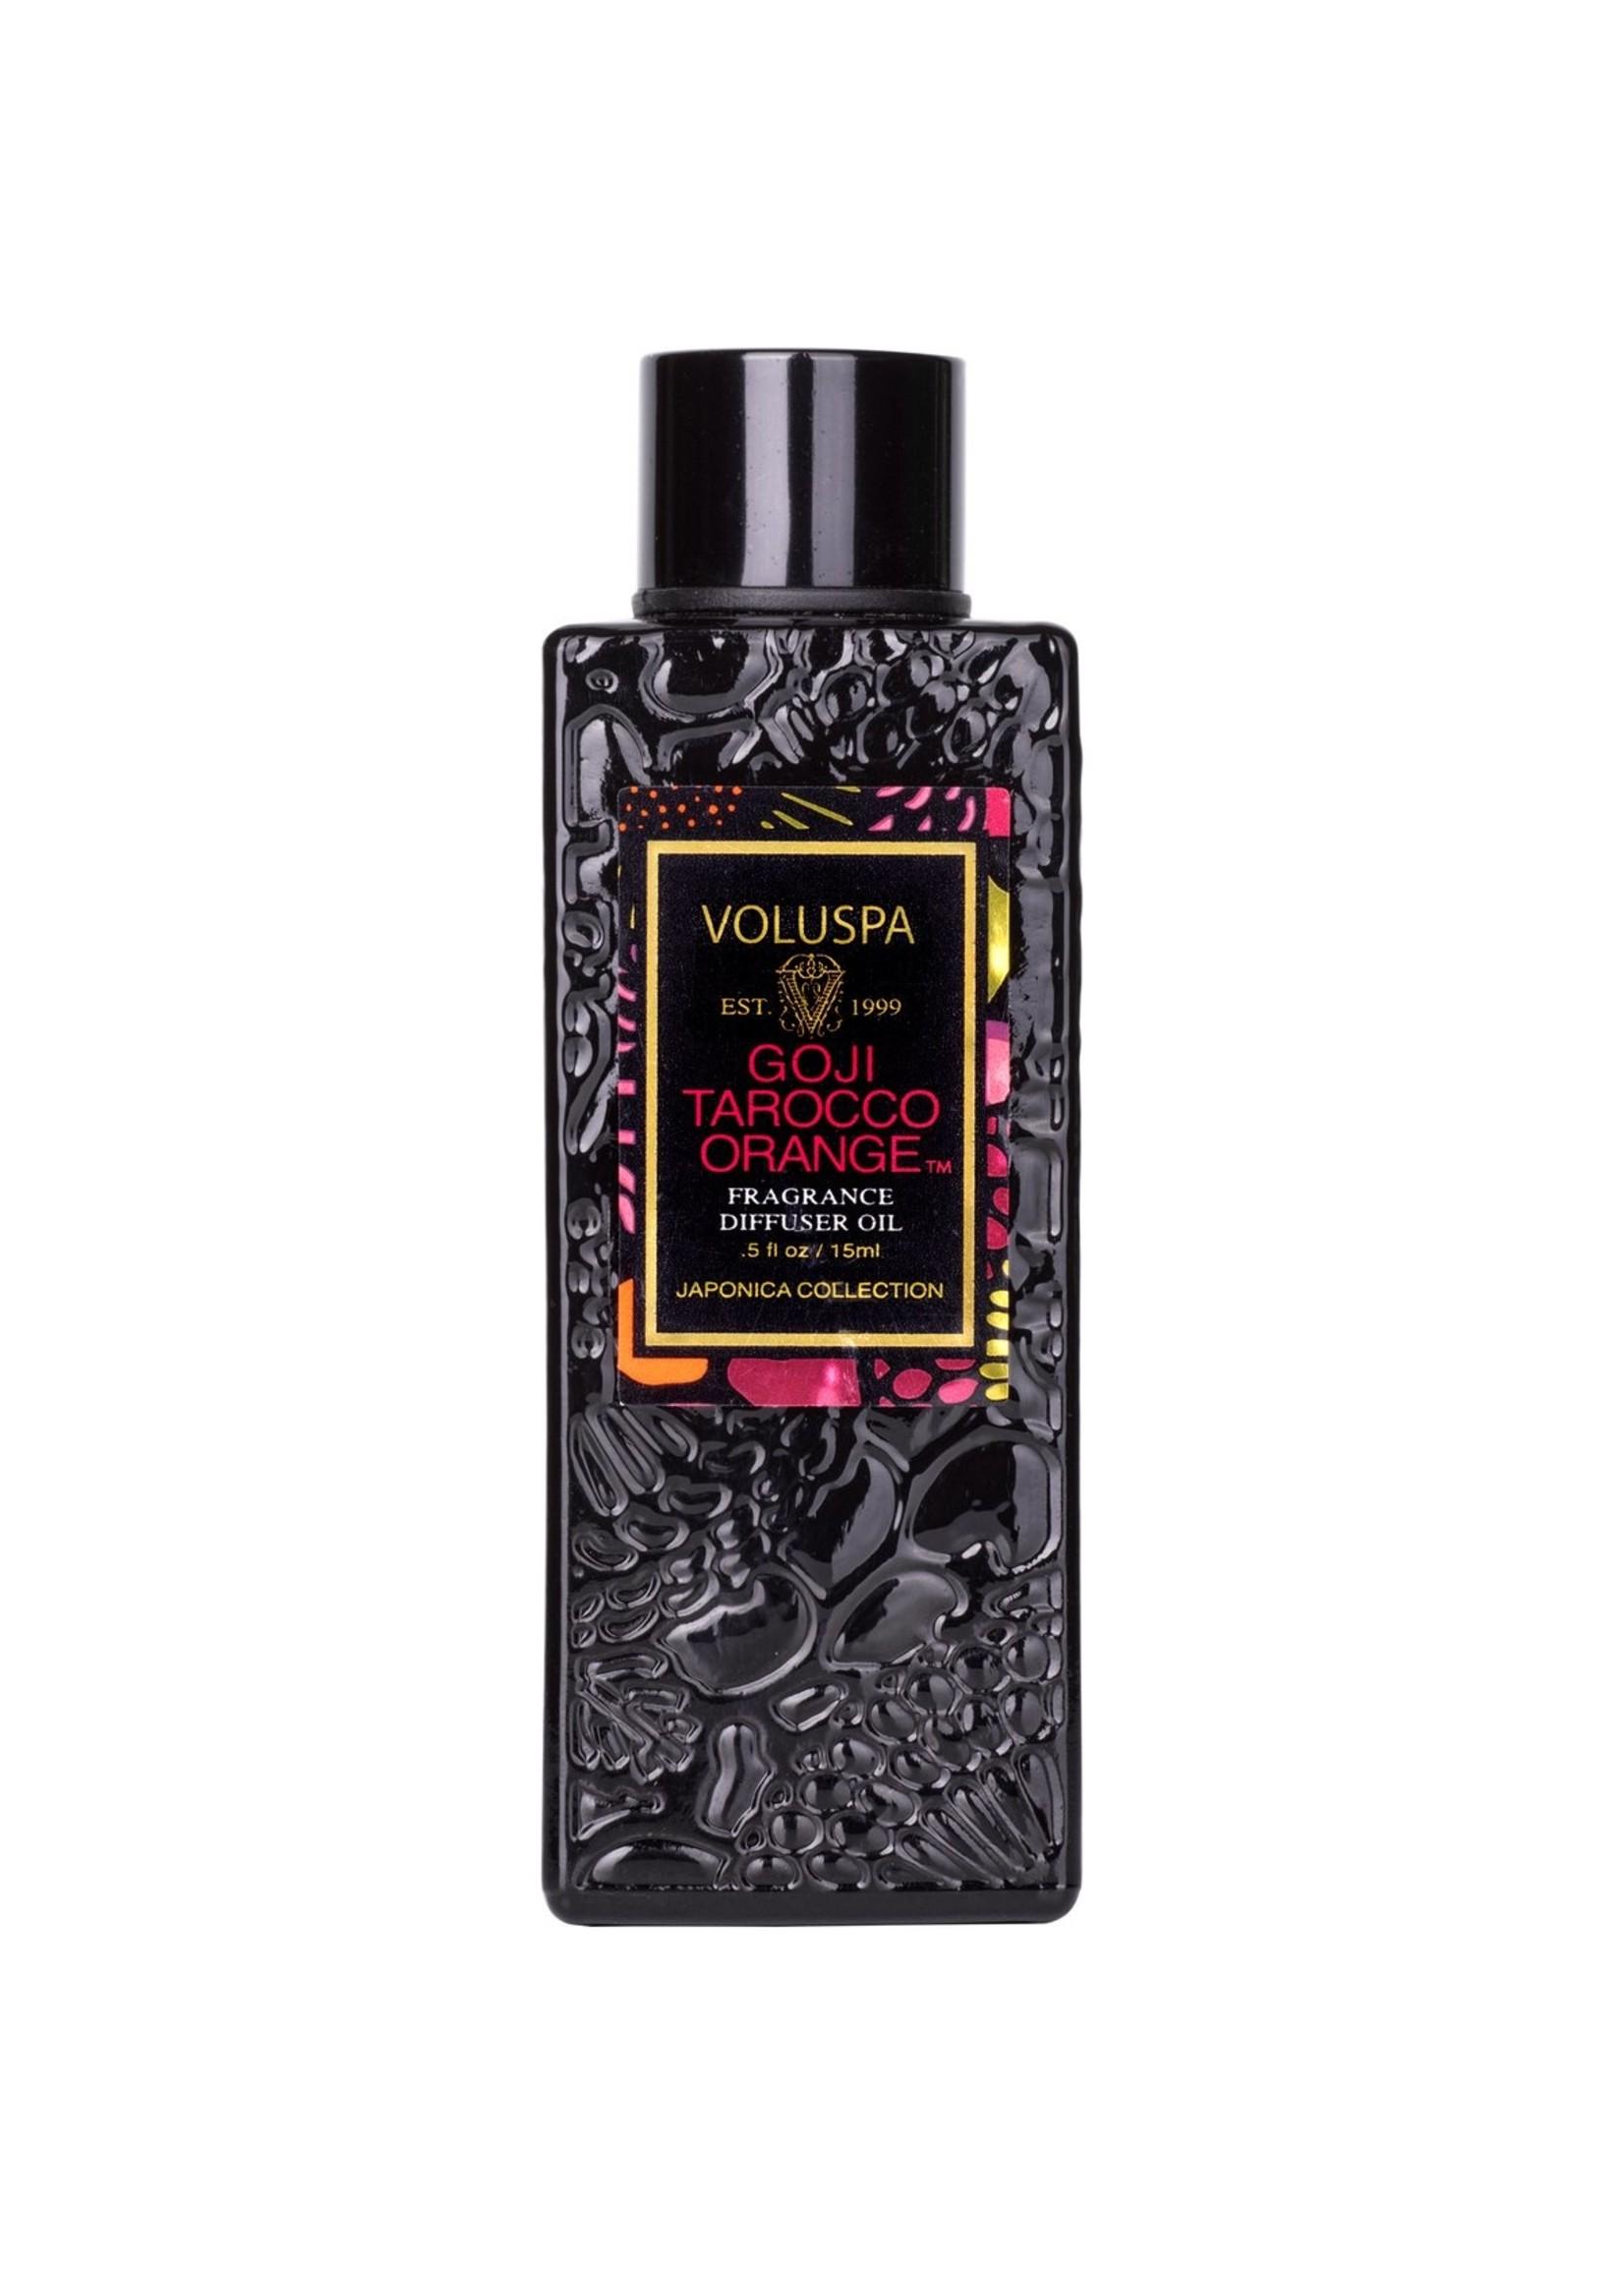 Voluspa Goji Tarocco Orange Ultra Sonic Diffuser Fragrance Oil